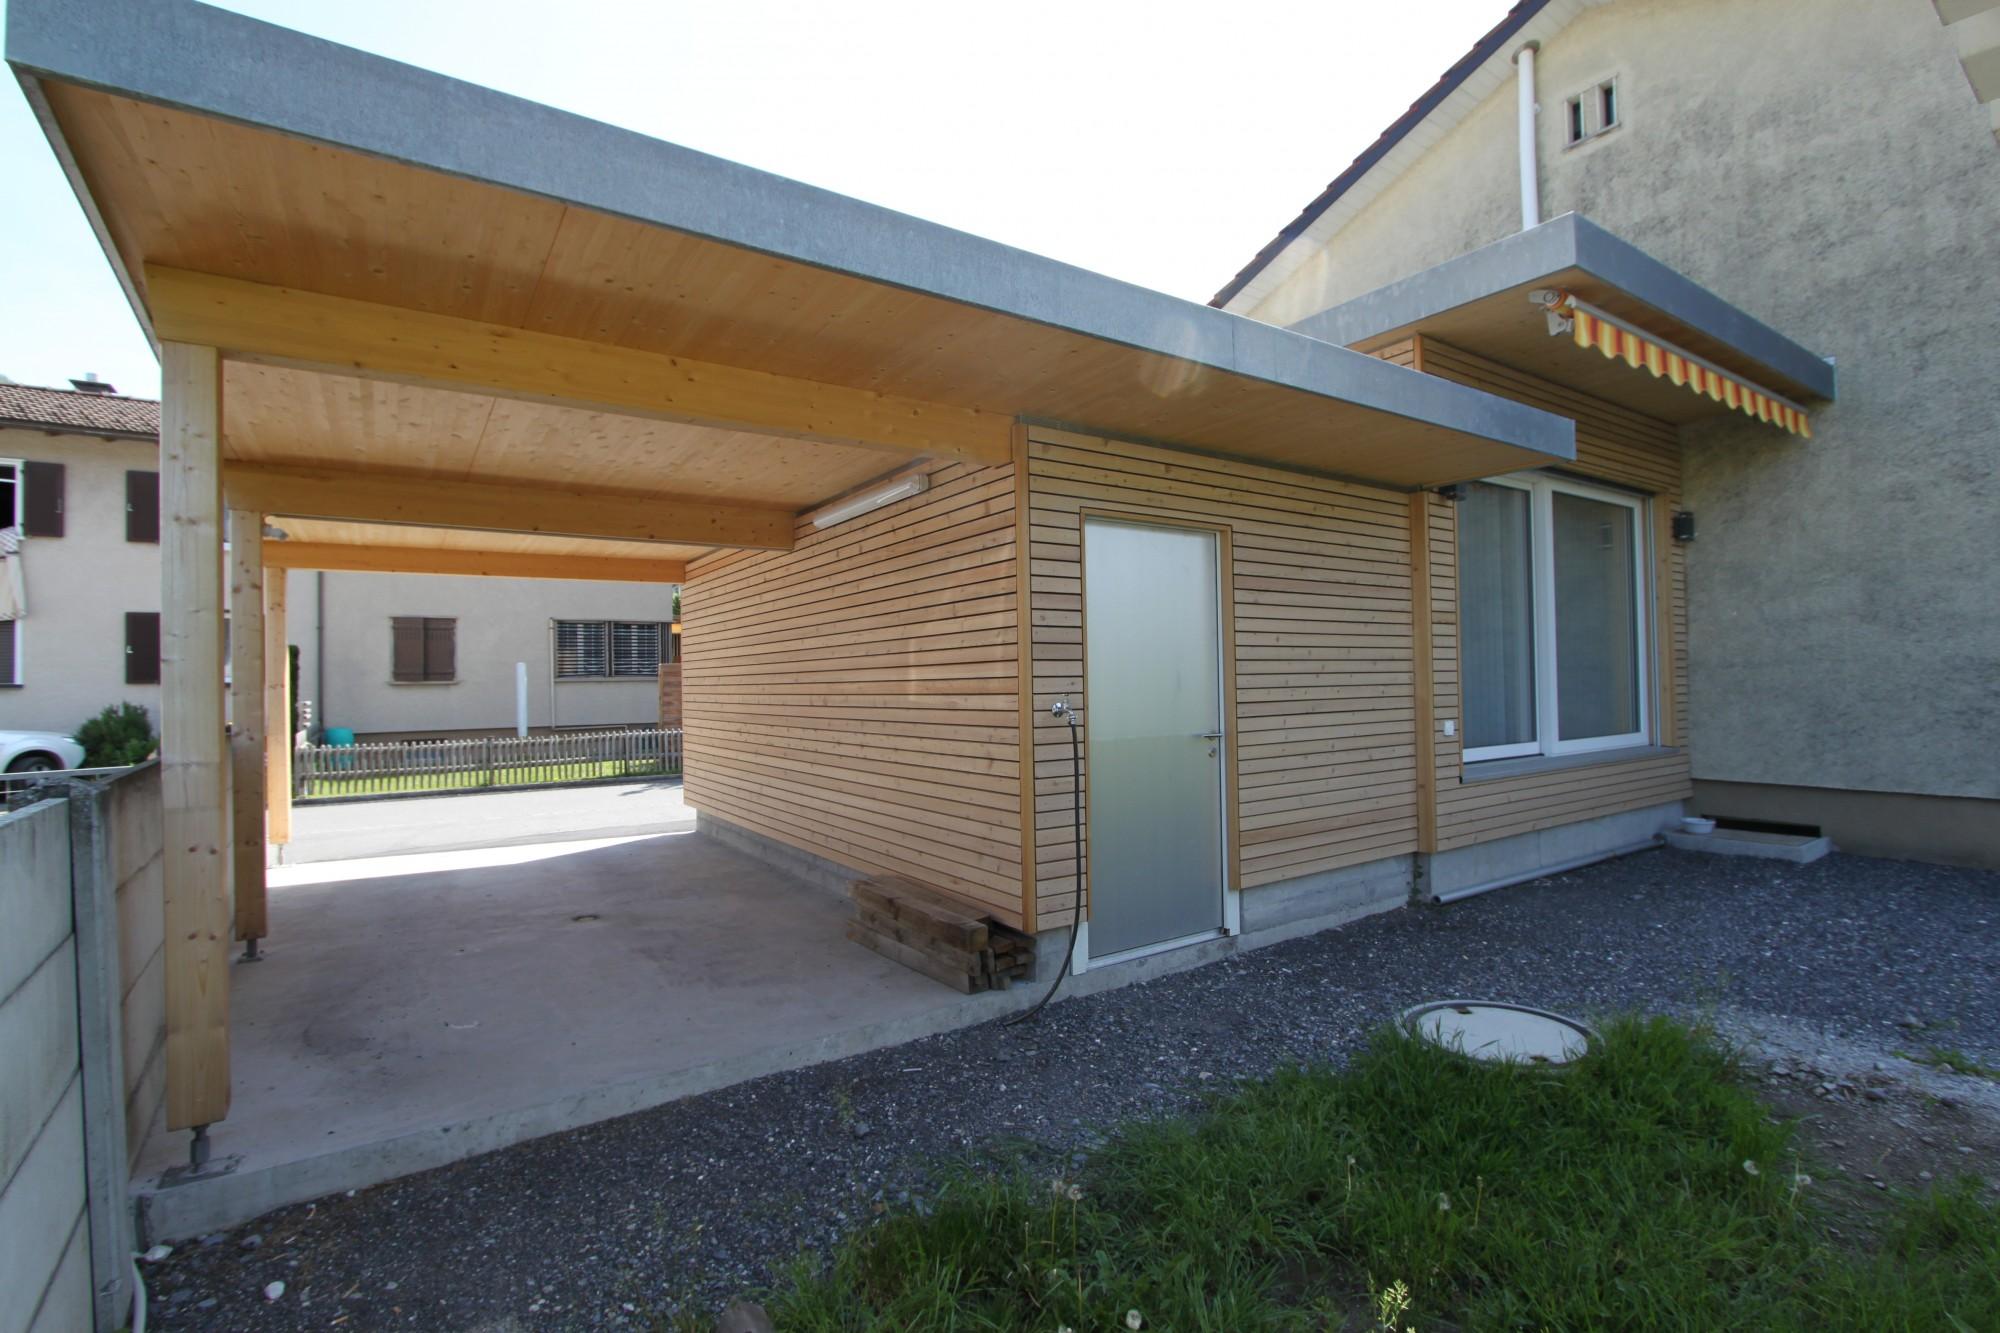 anbau mit carport in mels sg j ger holzbau ag. Black Bedroom Furniture Sets. Home Design Ideas